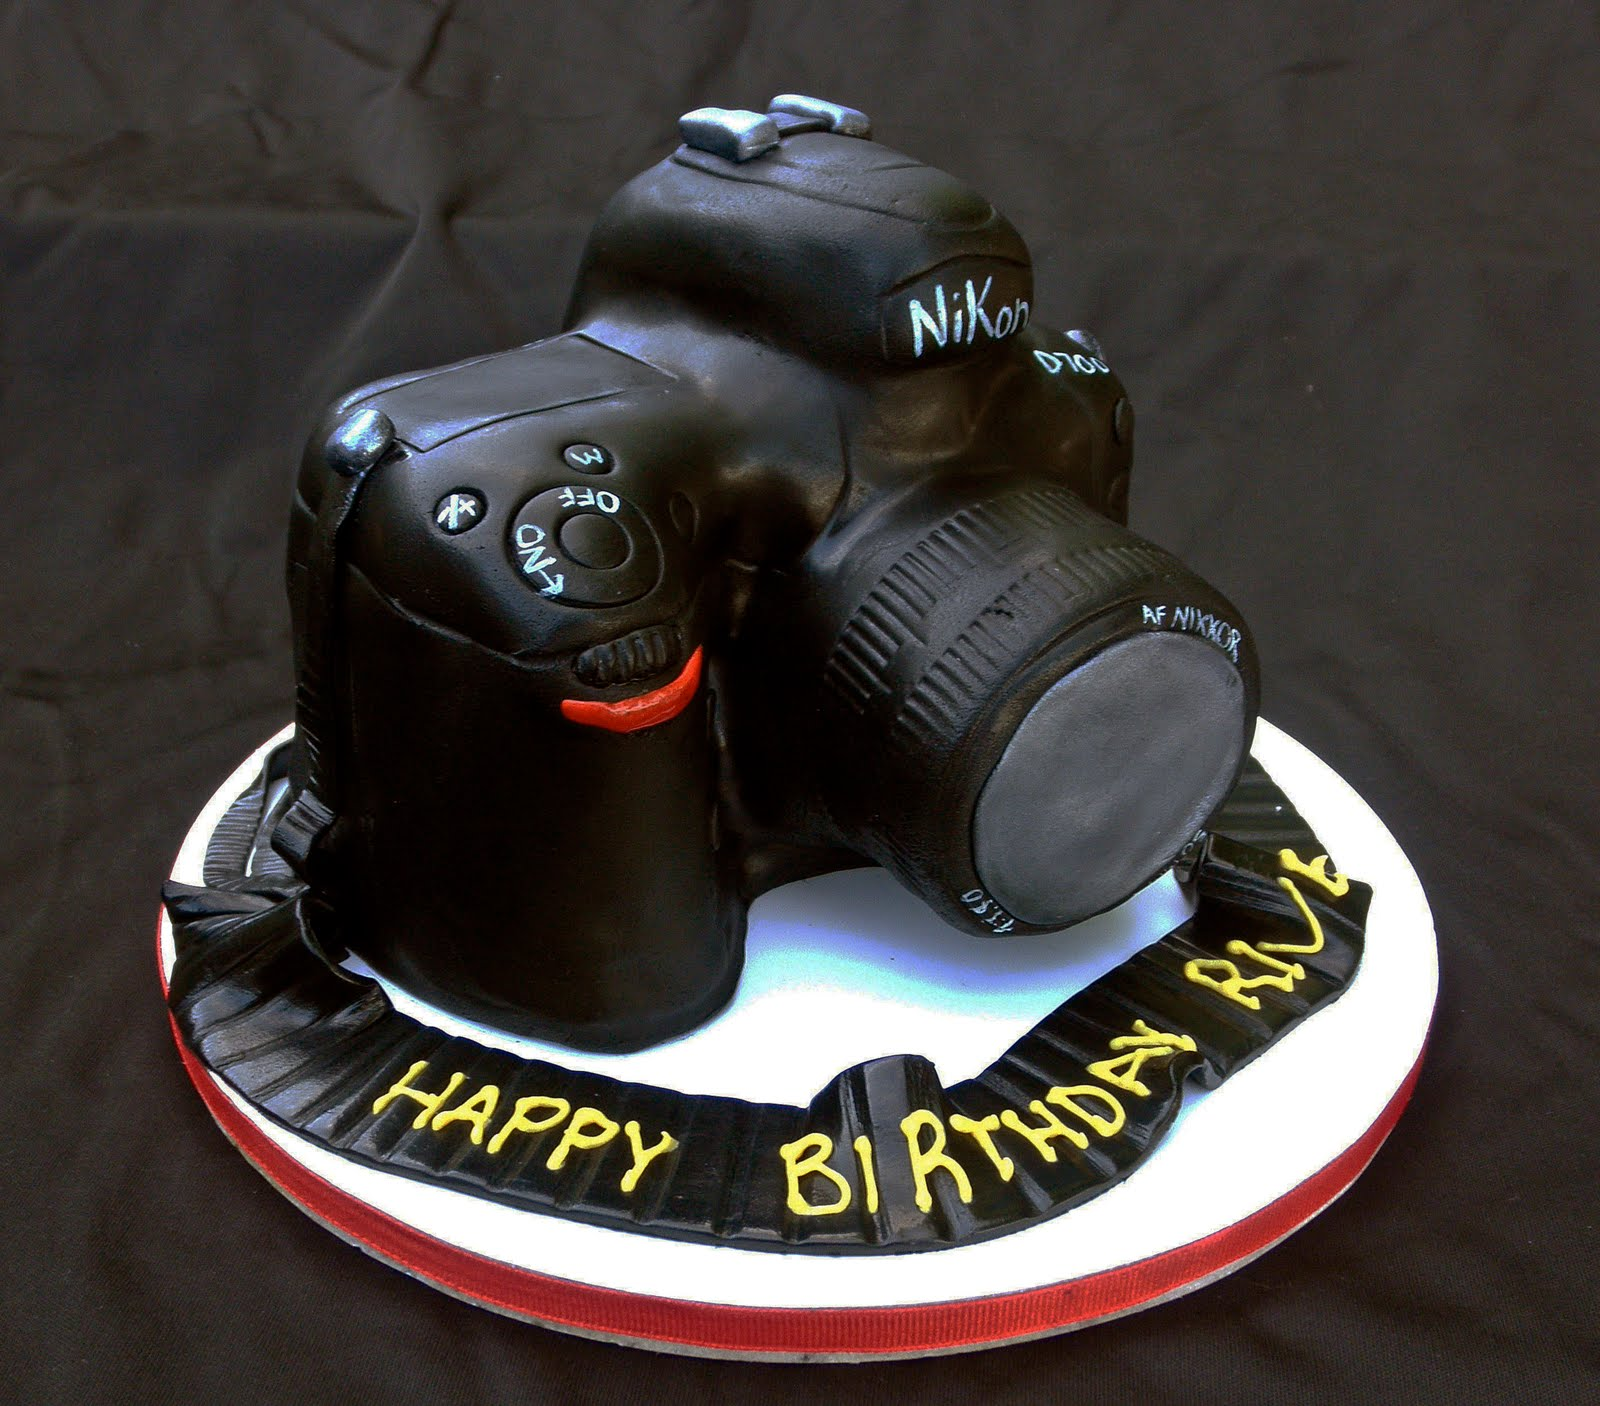 картинки тортов для фотографа донести это